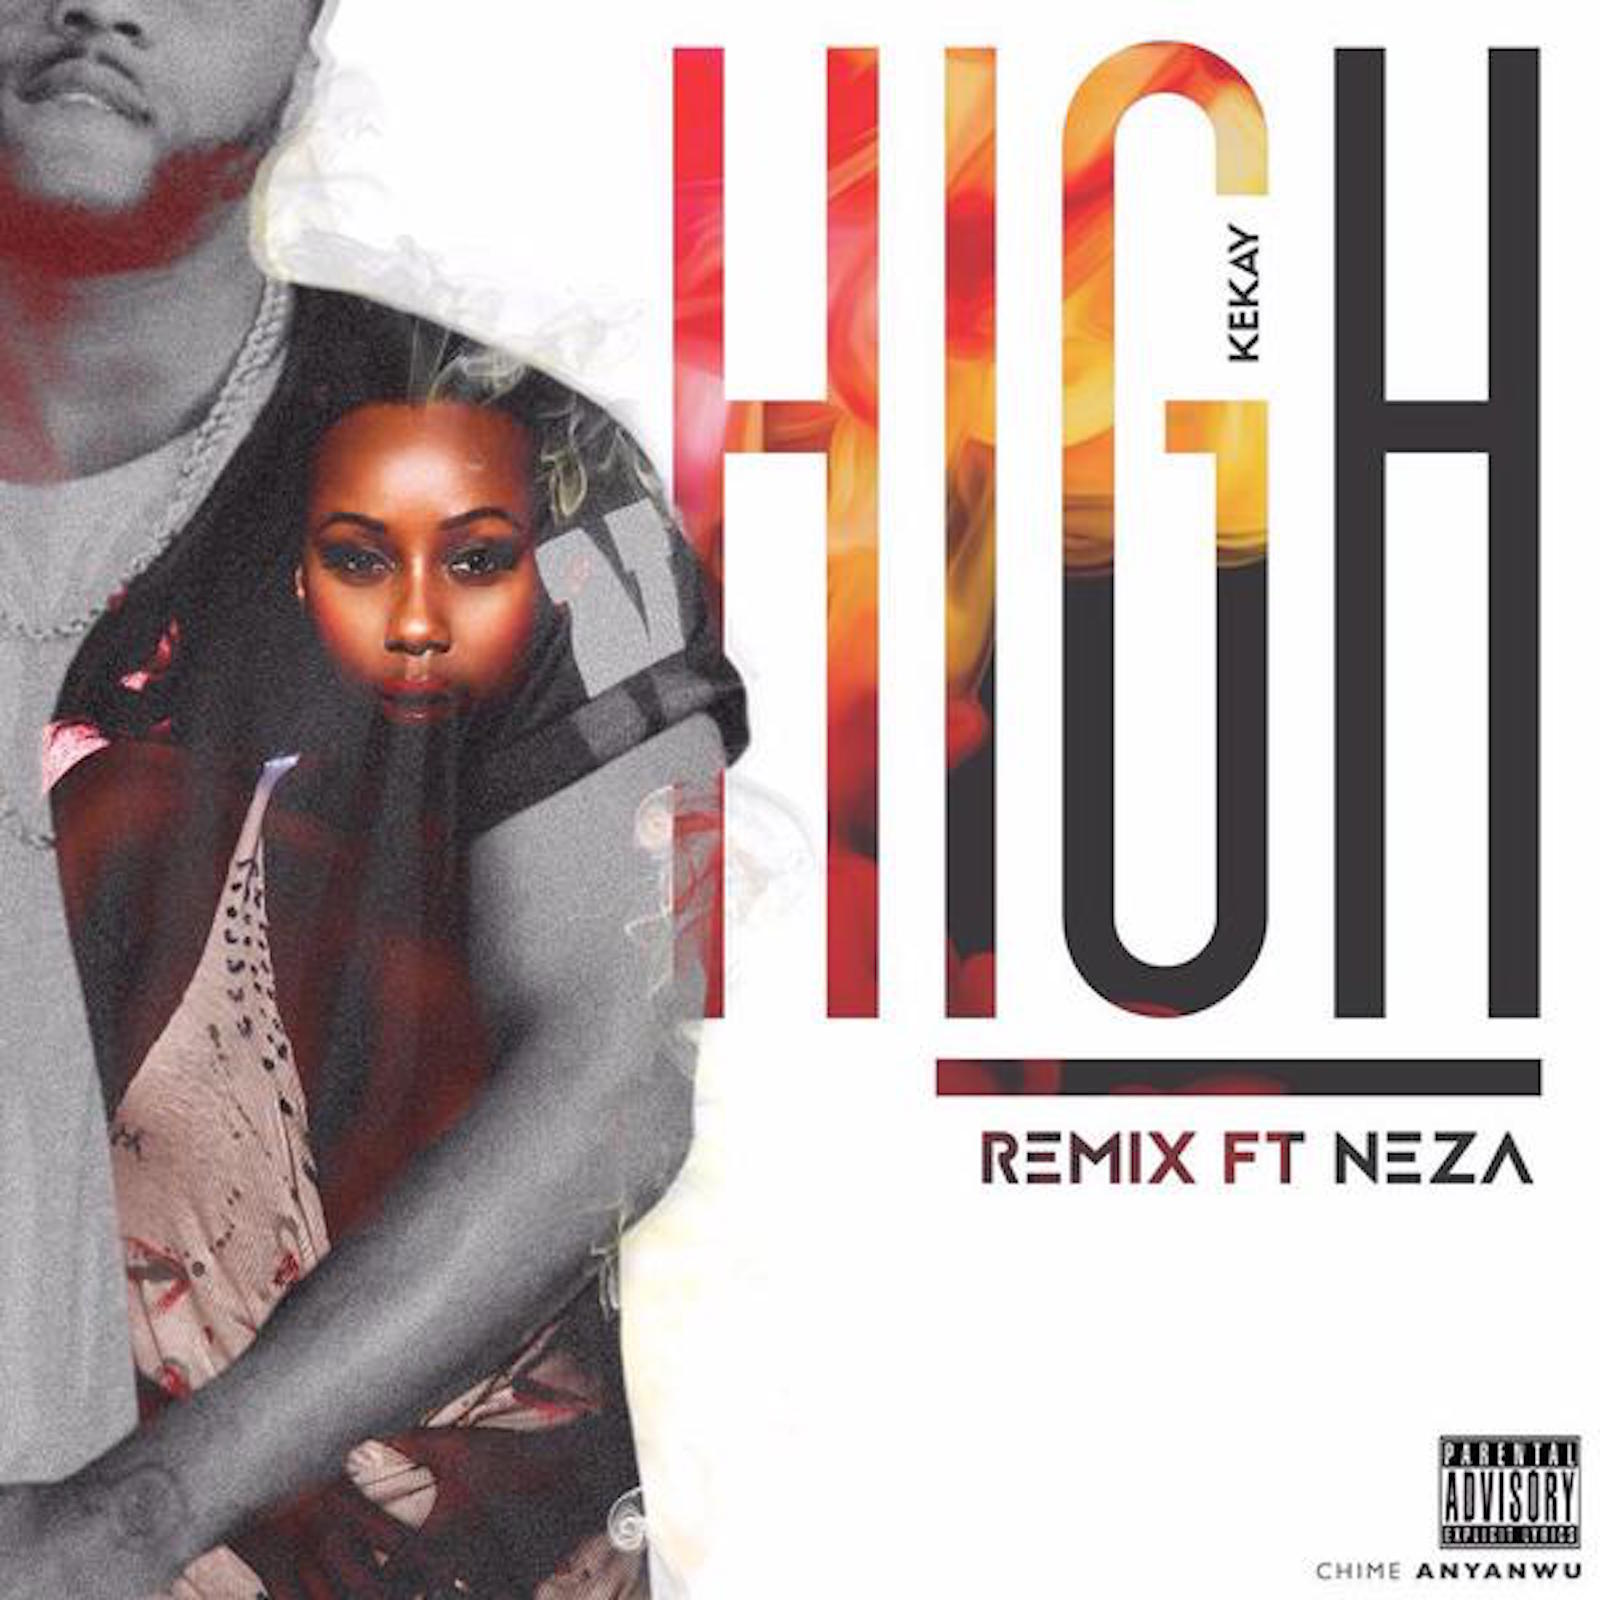 Kekay: High (remix)  featuring Neza